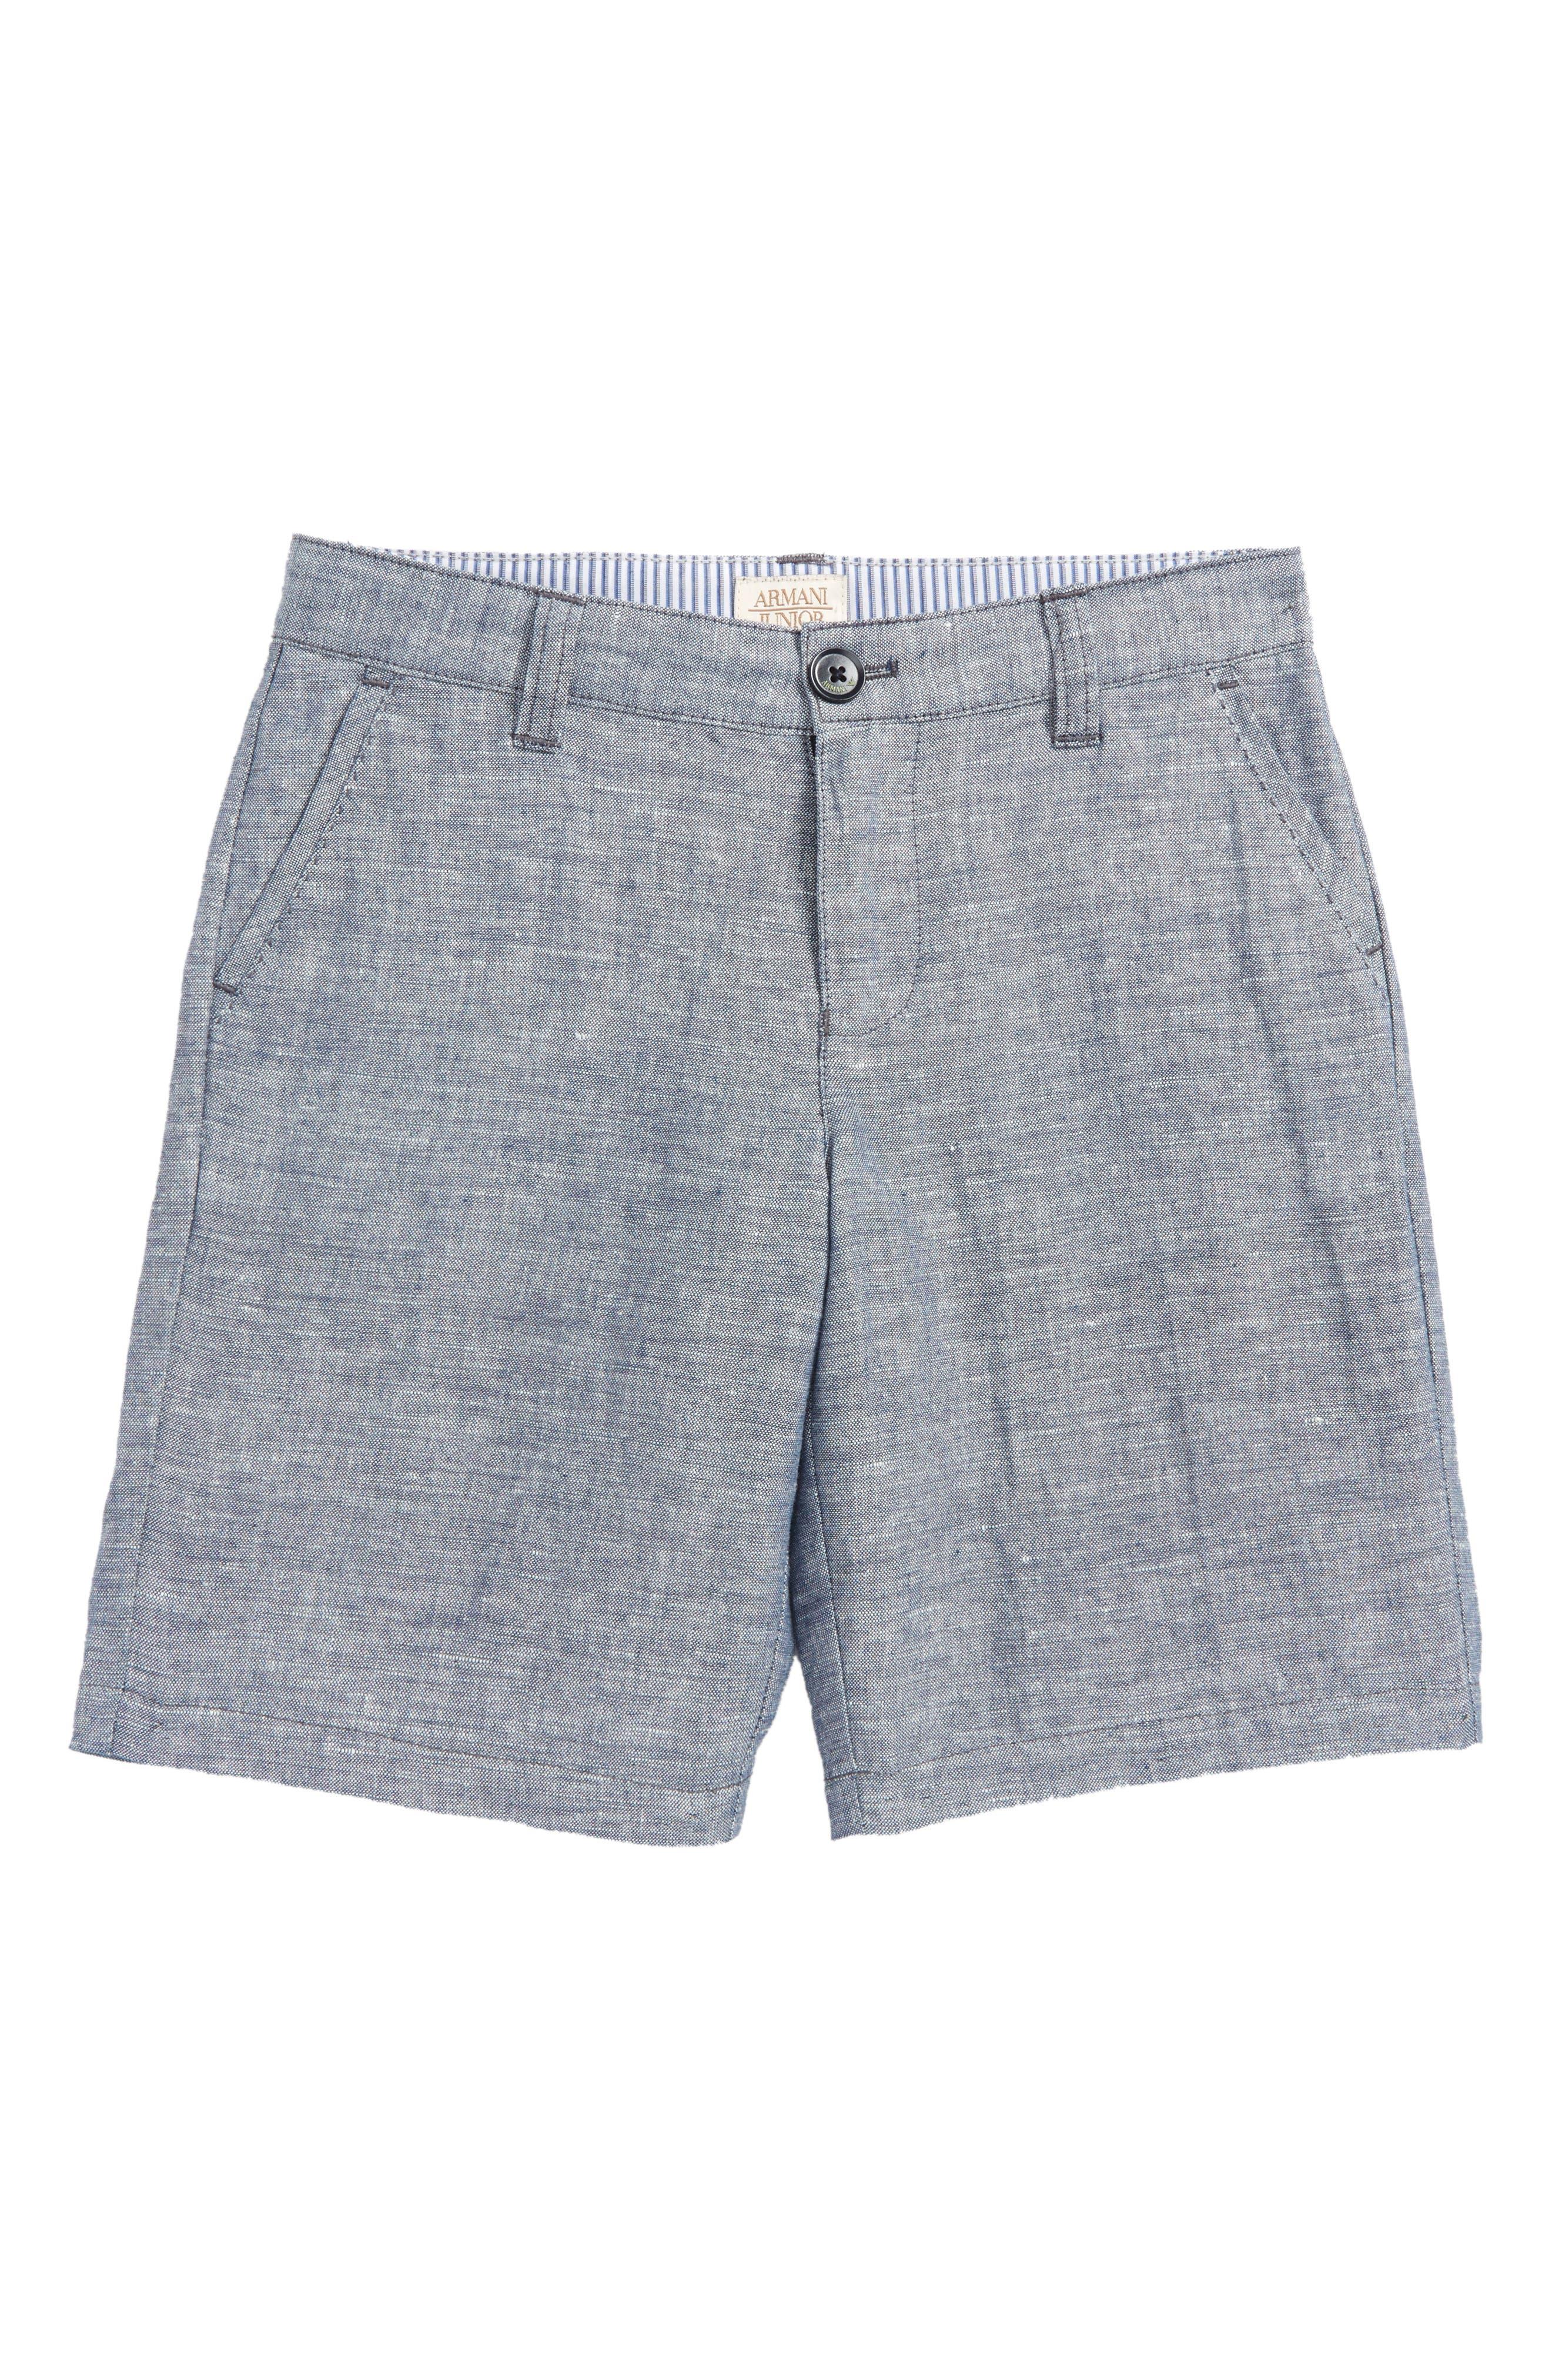 Chambray Shorts,                         Main,                         color, 424